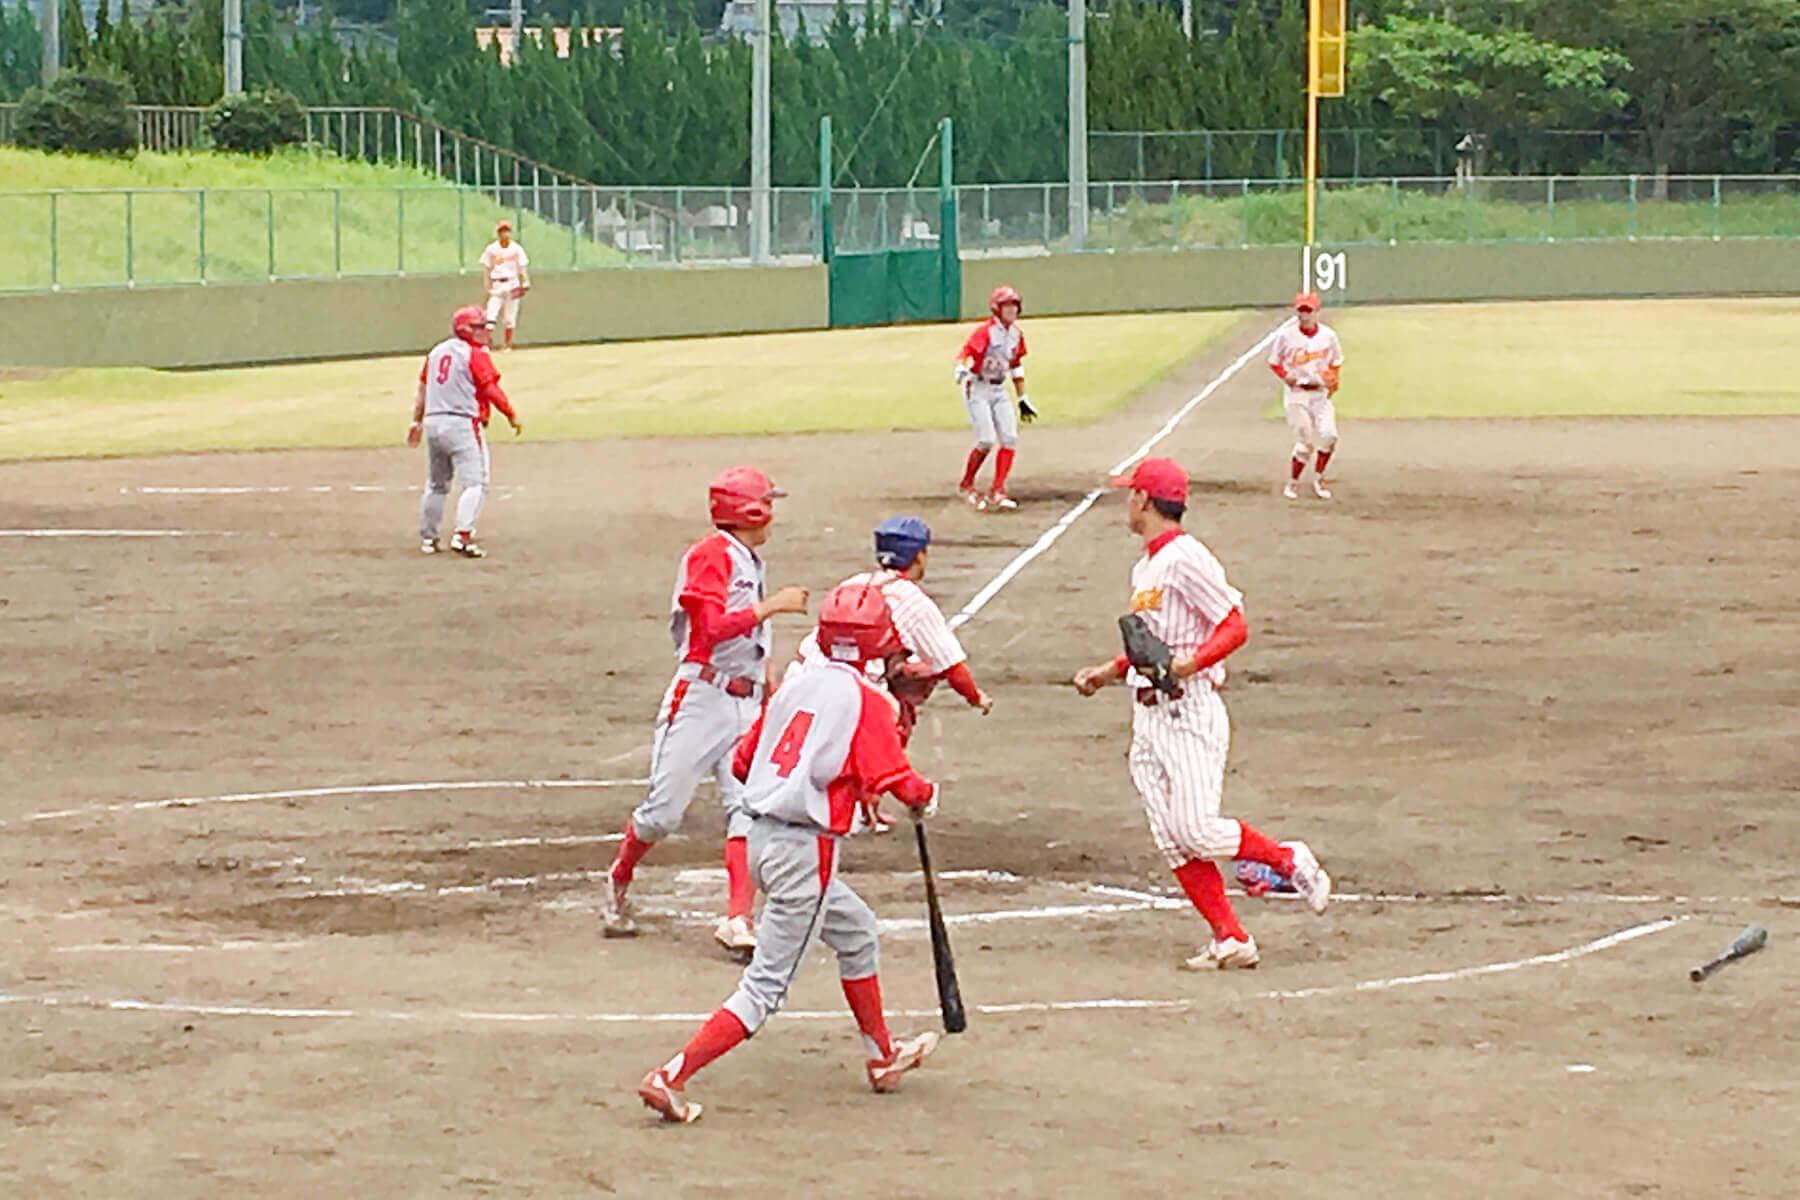 朝日I&Rクラブ武雄は四回、連打と四球で1死満塁とし、5番蒲地の中前打で先制。五回は1番井手の右越え打で追加点を上げた。